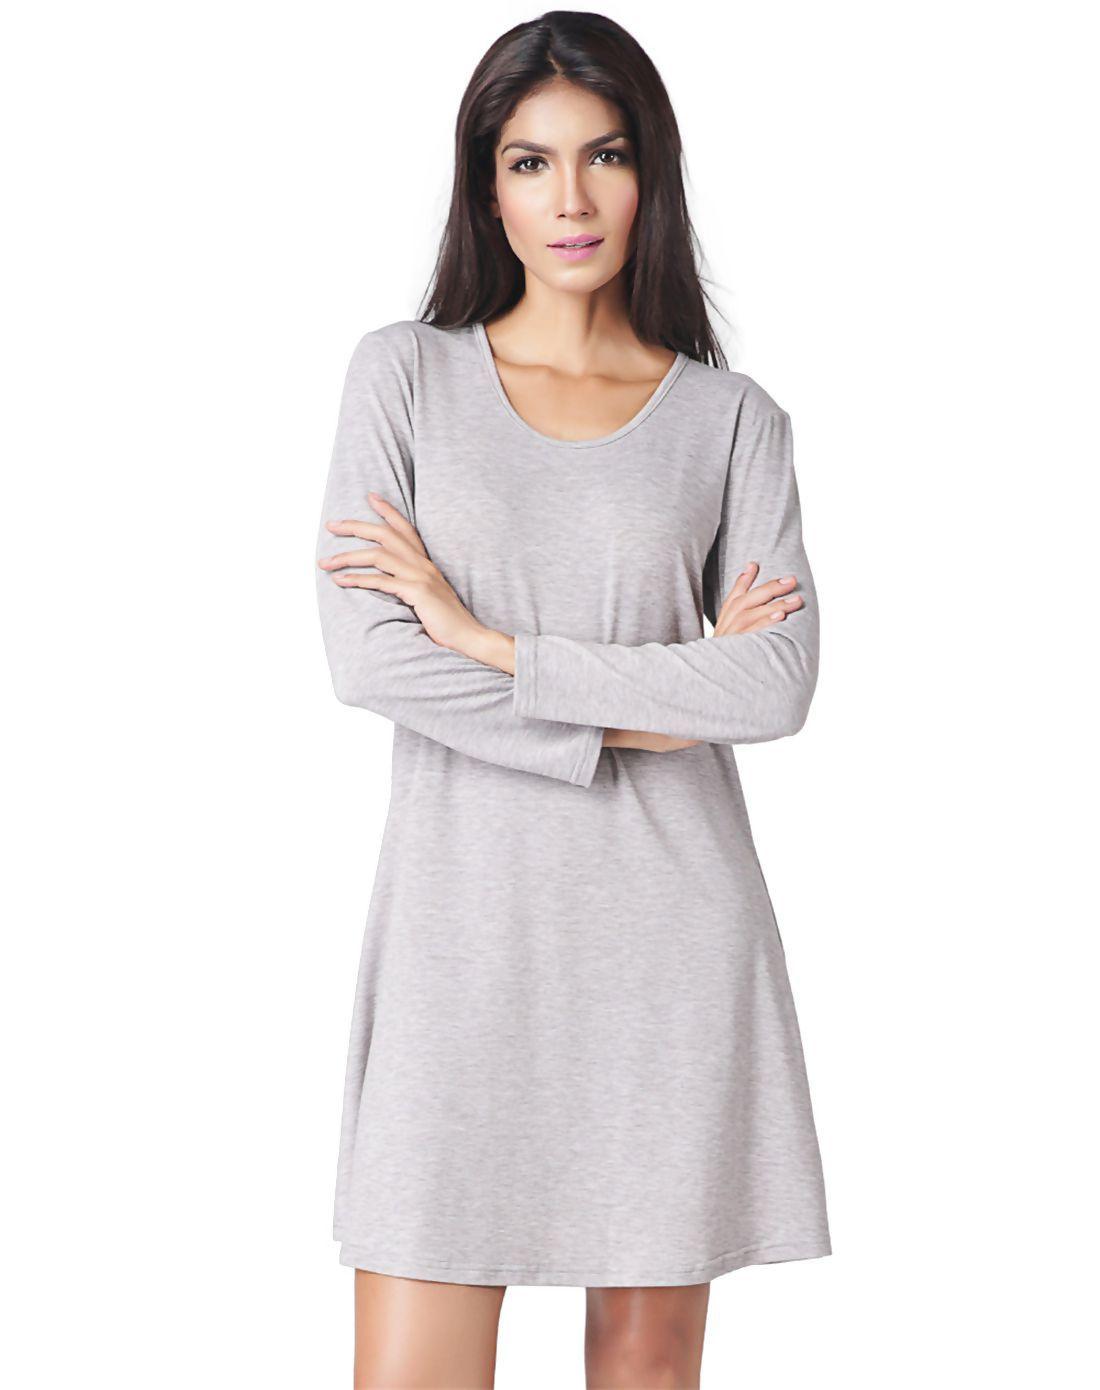 Adorewe vipme aline dressesdesigner lztlylzt gray plain round